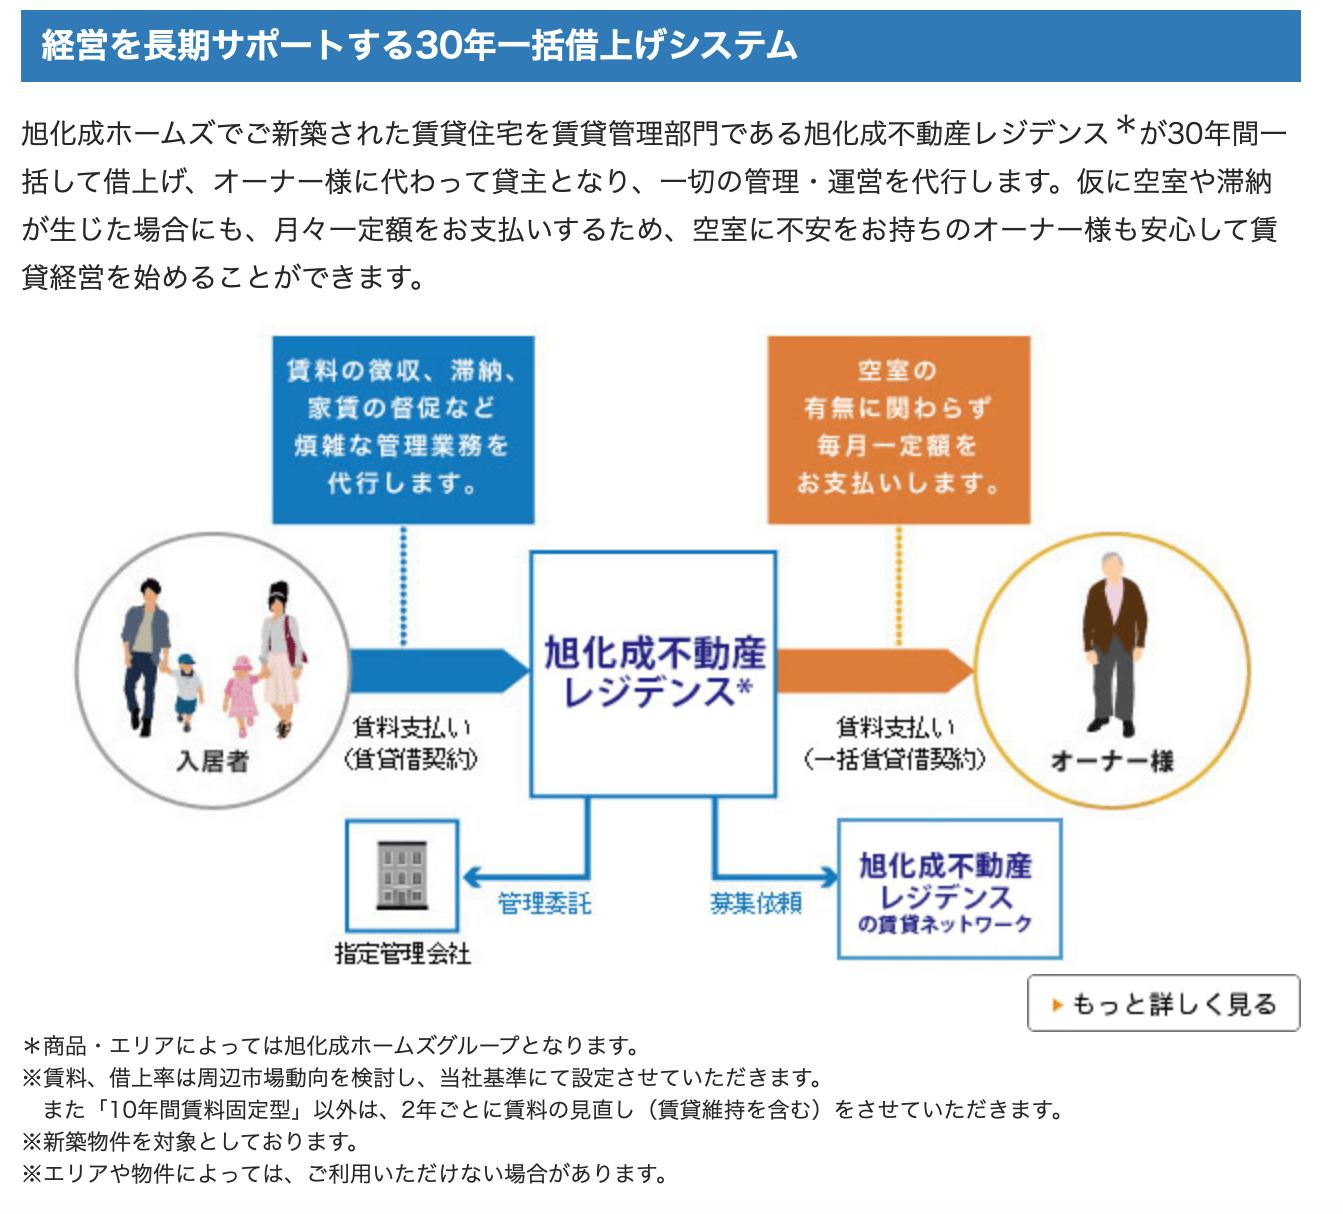 旭化成ホームズ「経営を長期サポートする30年一括借上げシステム」